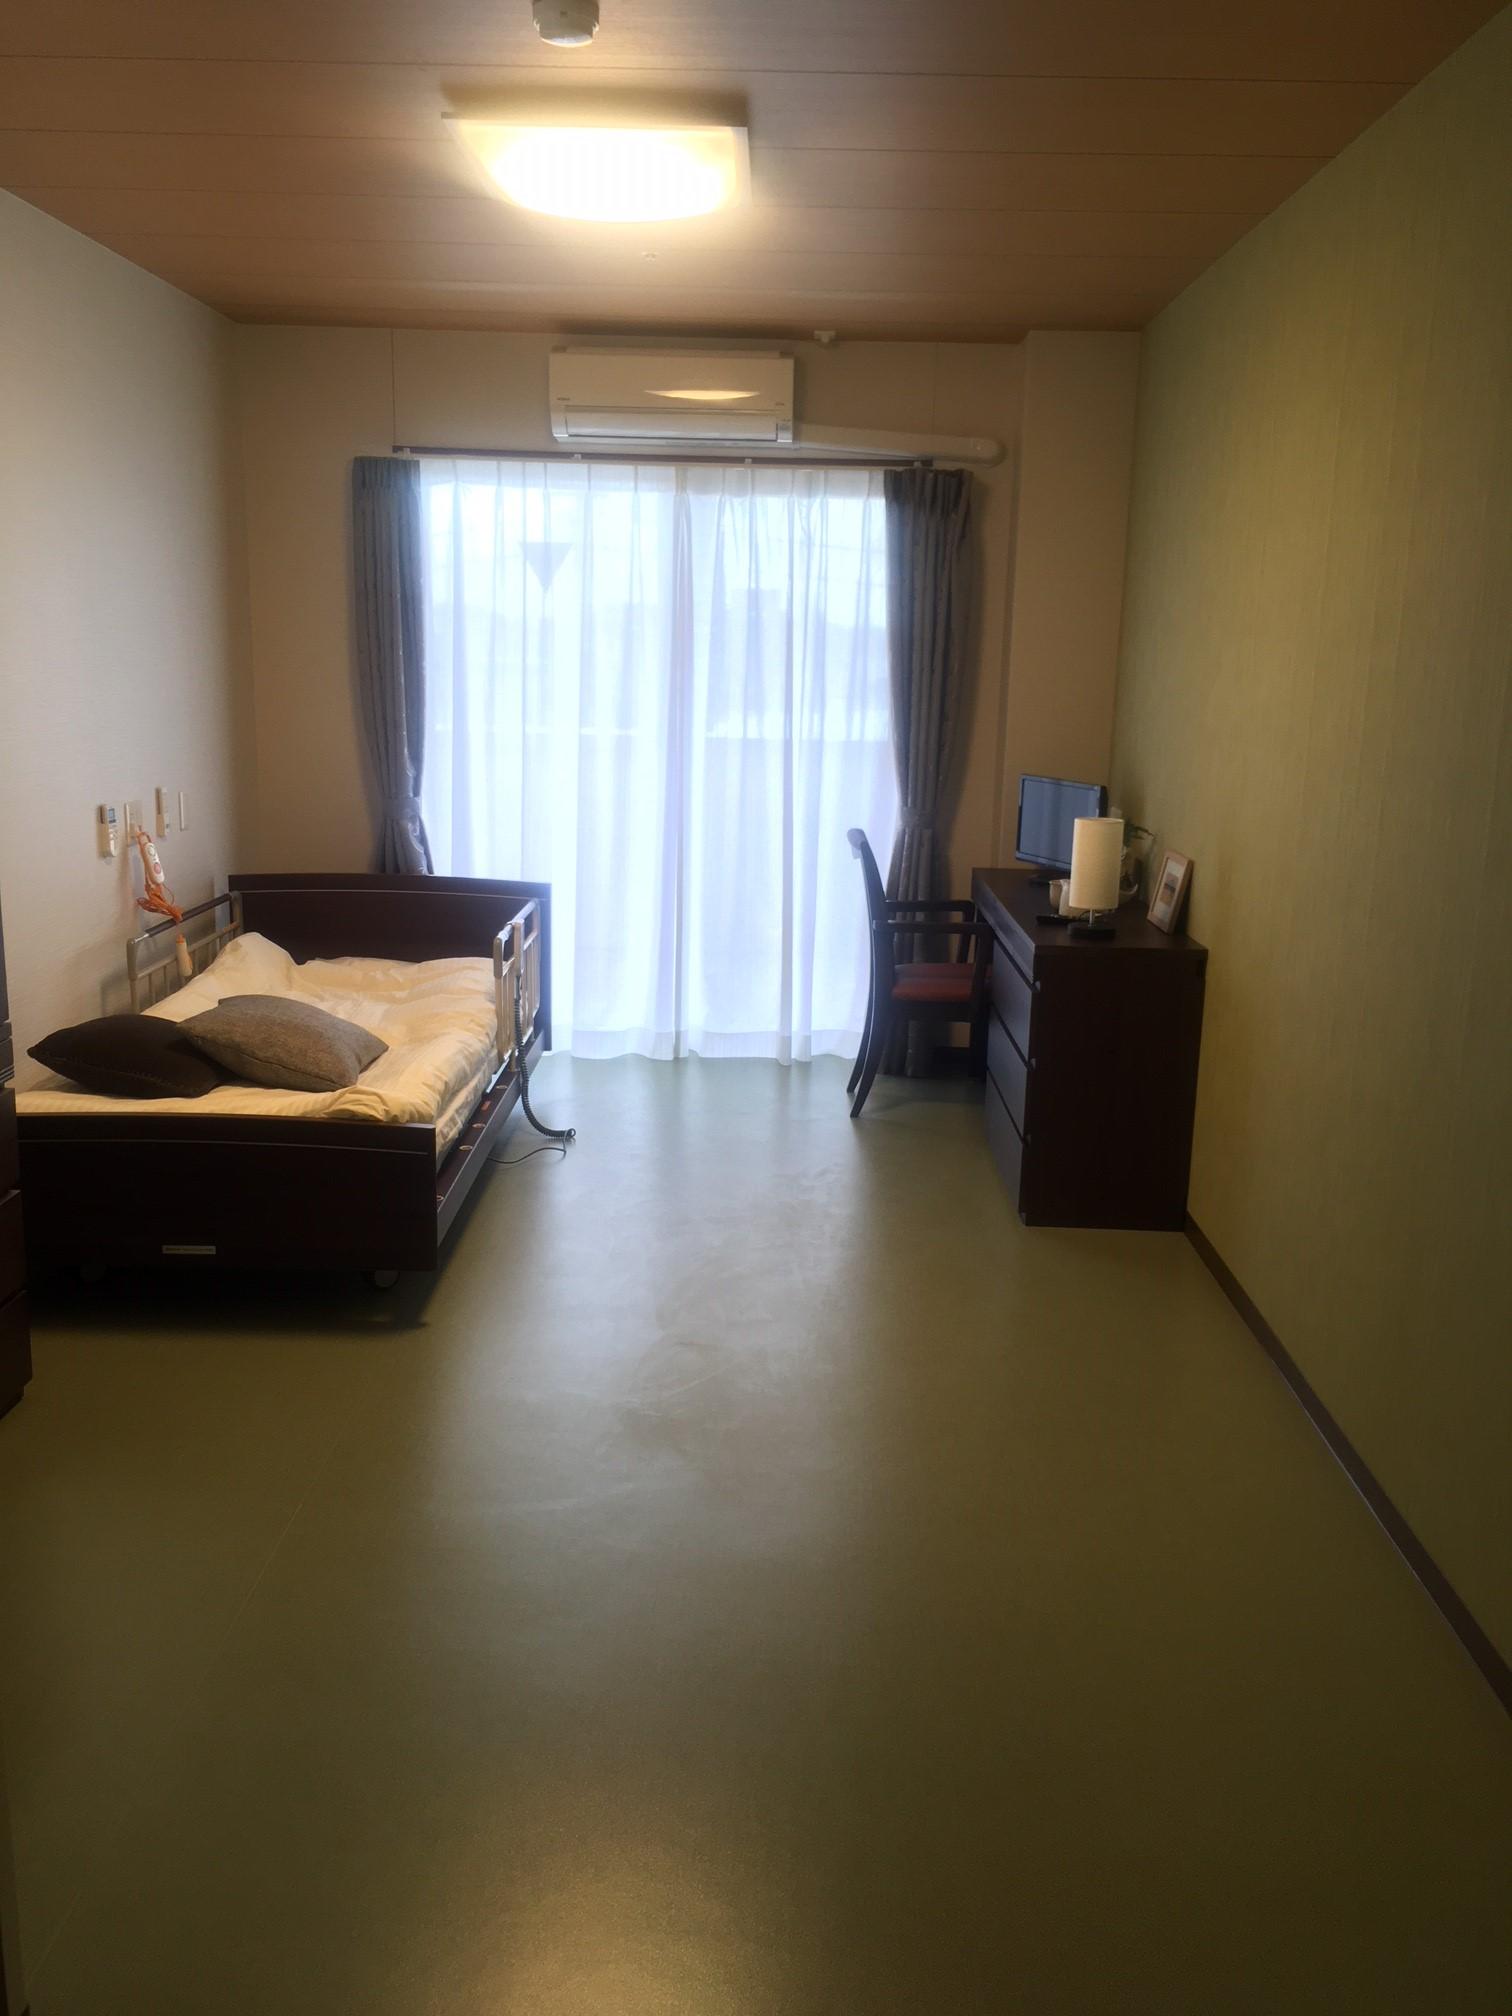 各部屋、ベッドと備え付け家具有り。